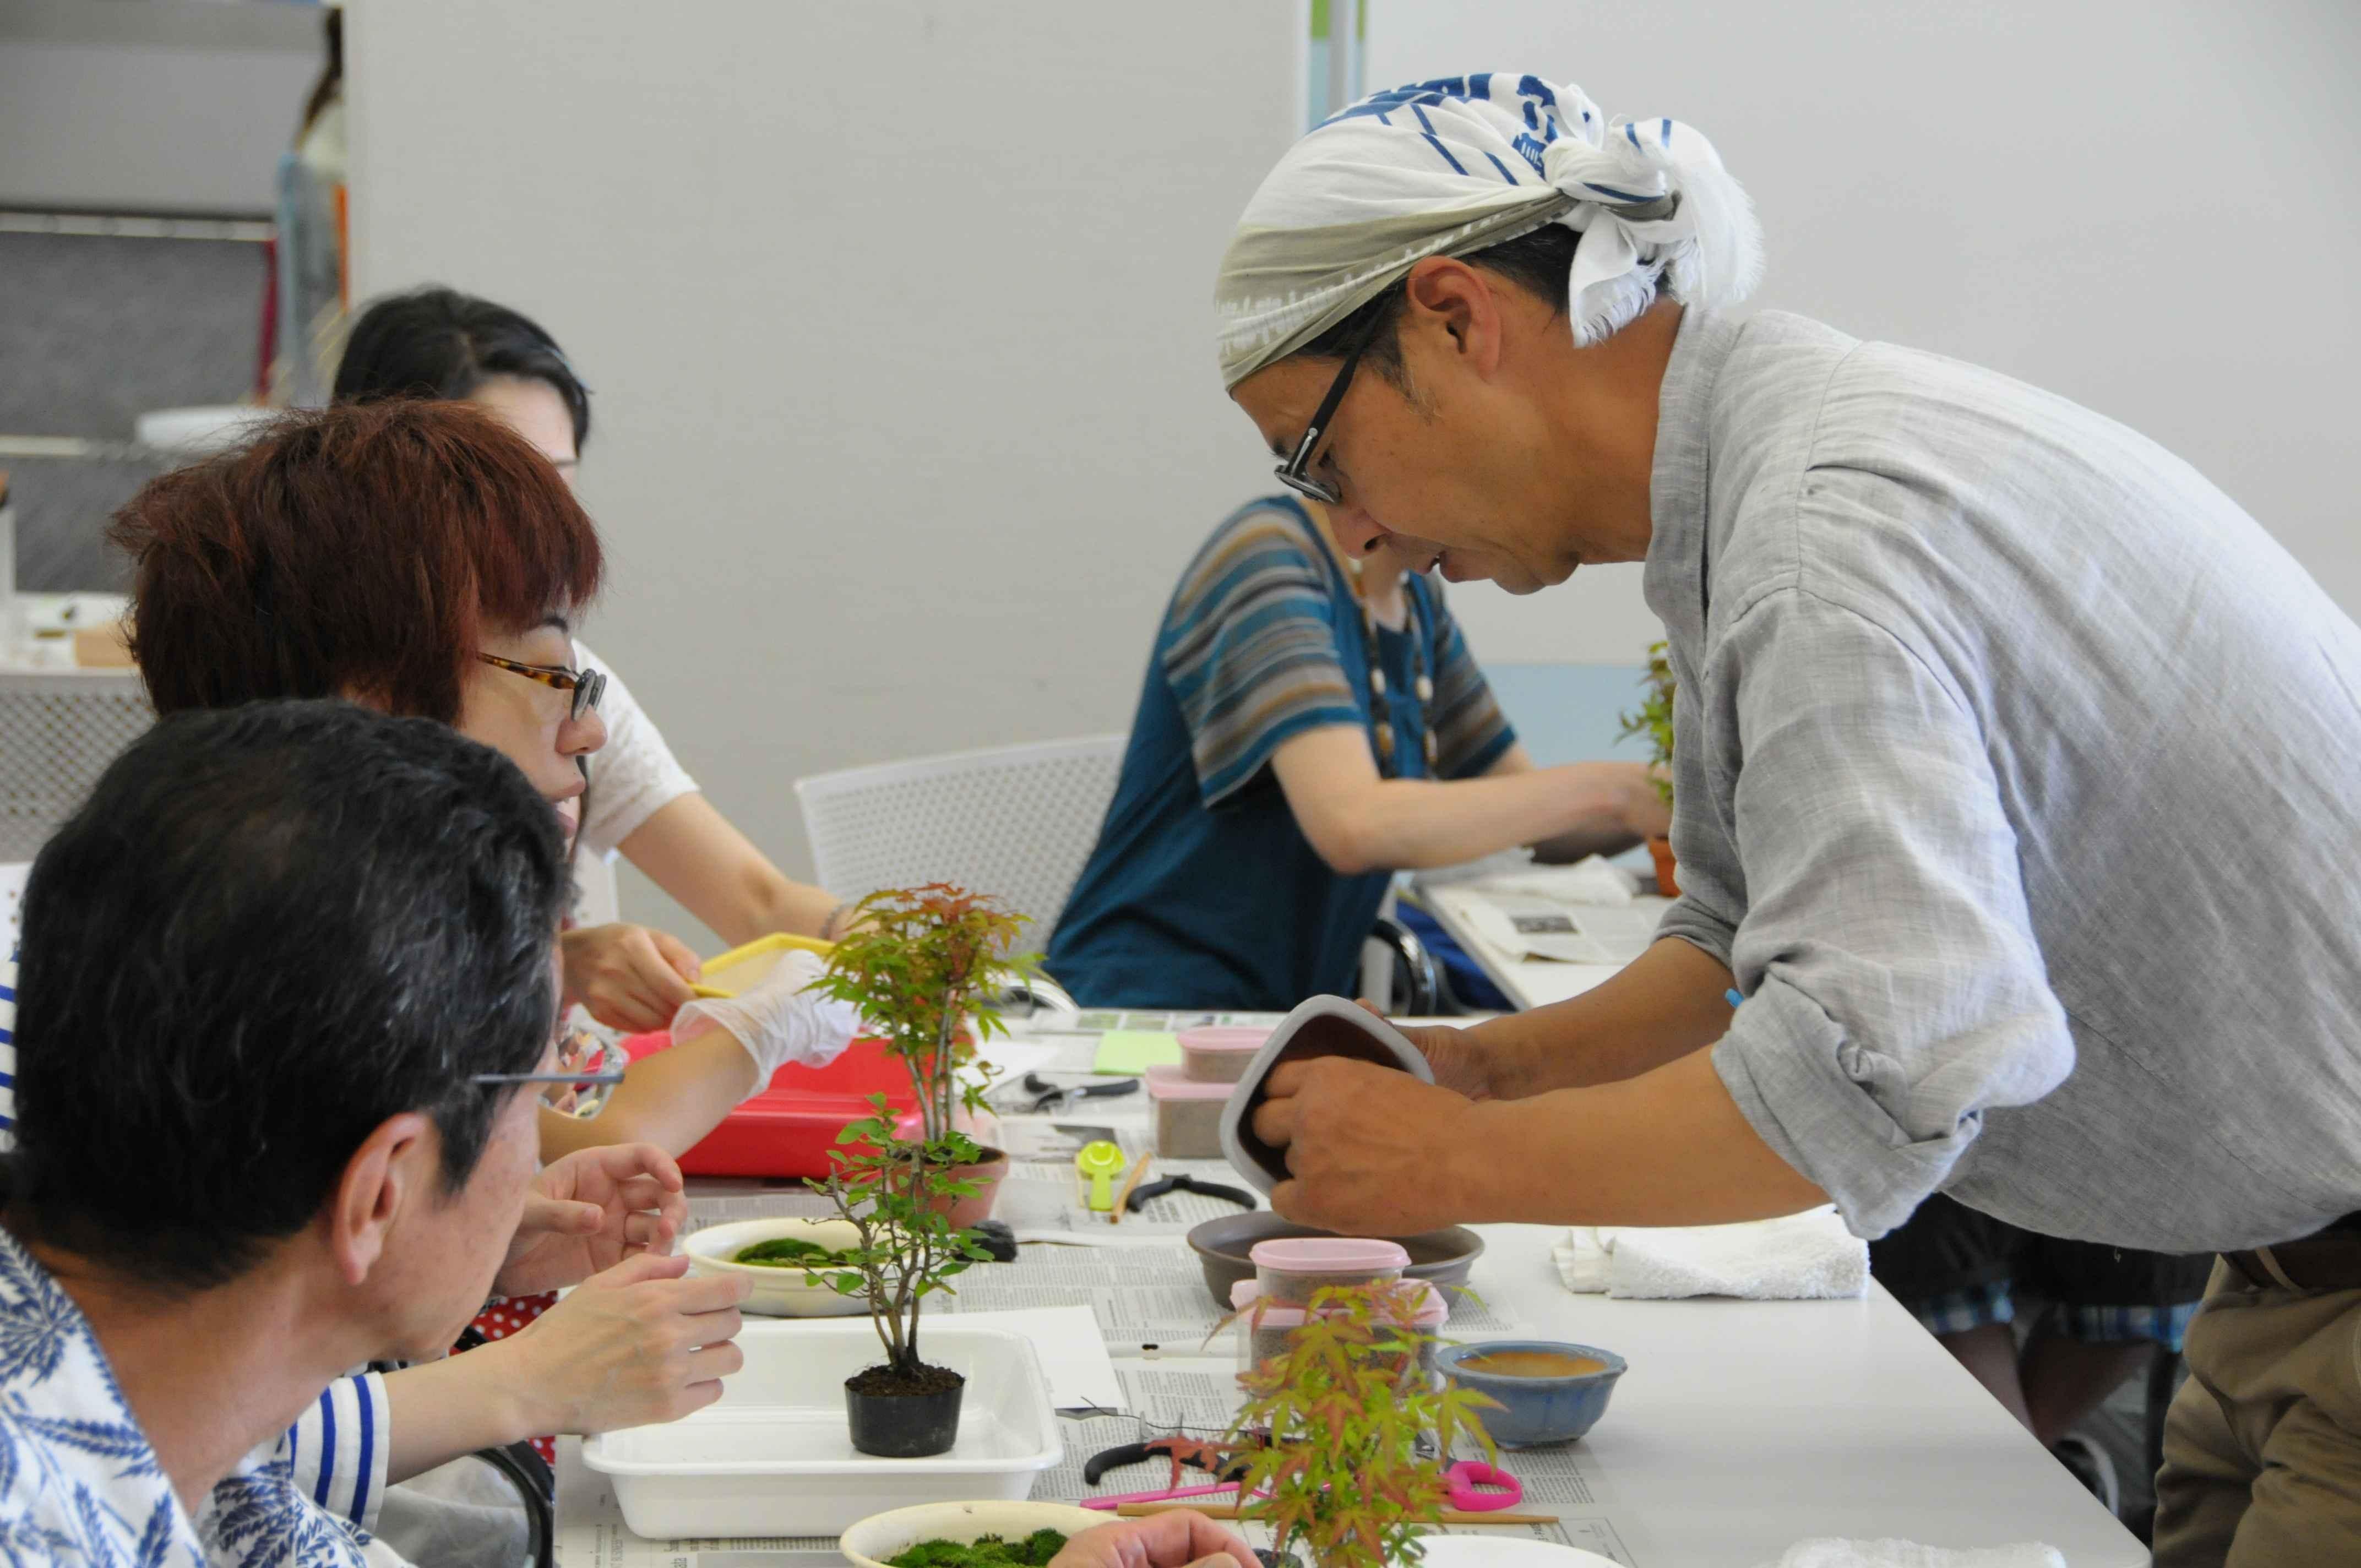 盆栽教室 小粋庵 上野グリーンクラブ・盆栽教室